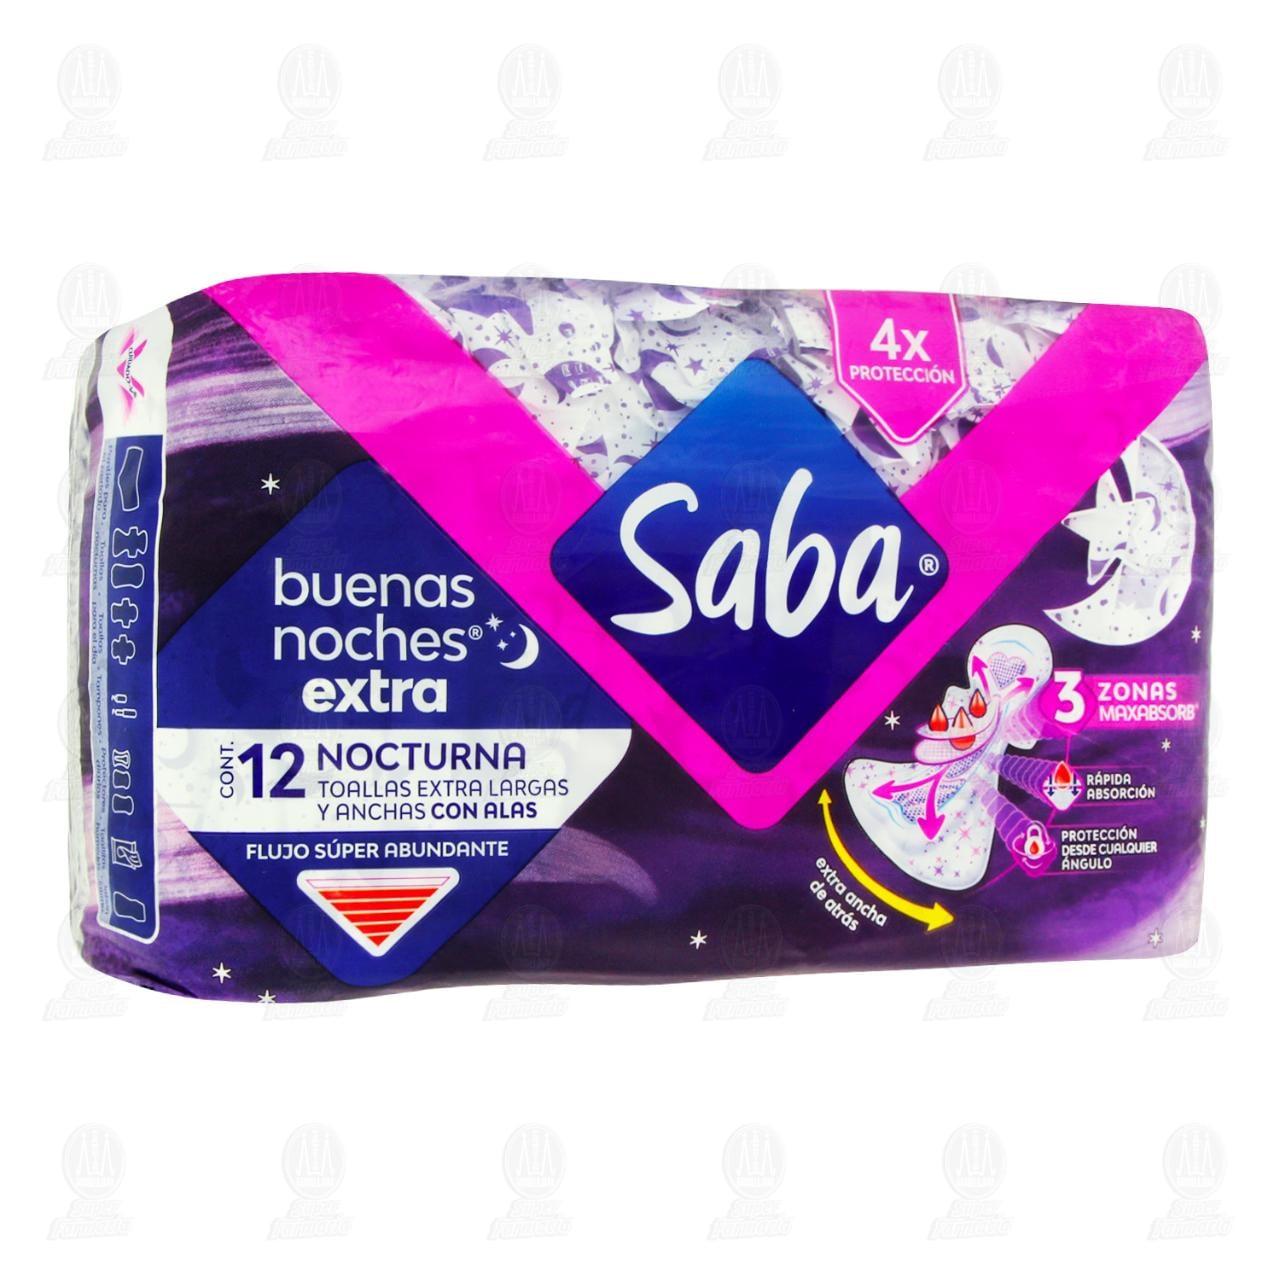 Toallas Sanitarias Saba Buenas Noches Extra Nocturna con Alas, 12 pzas.